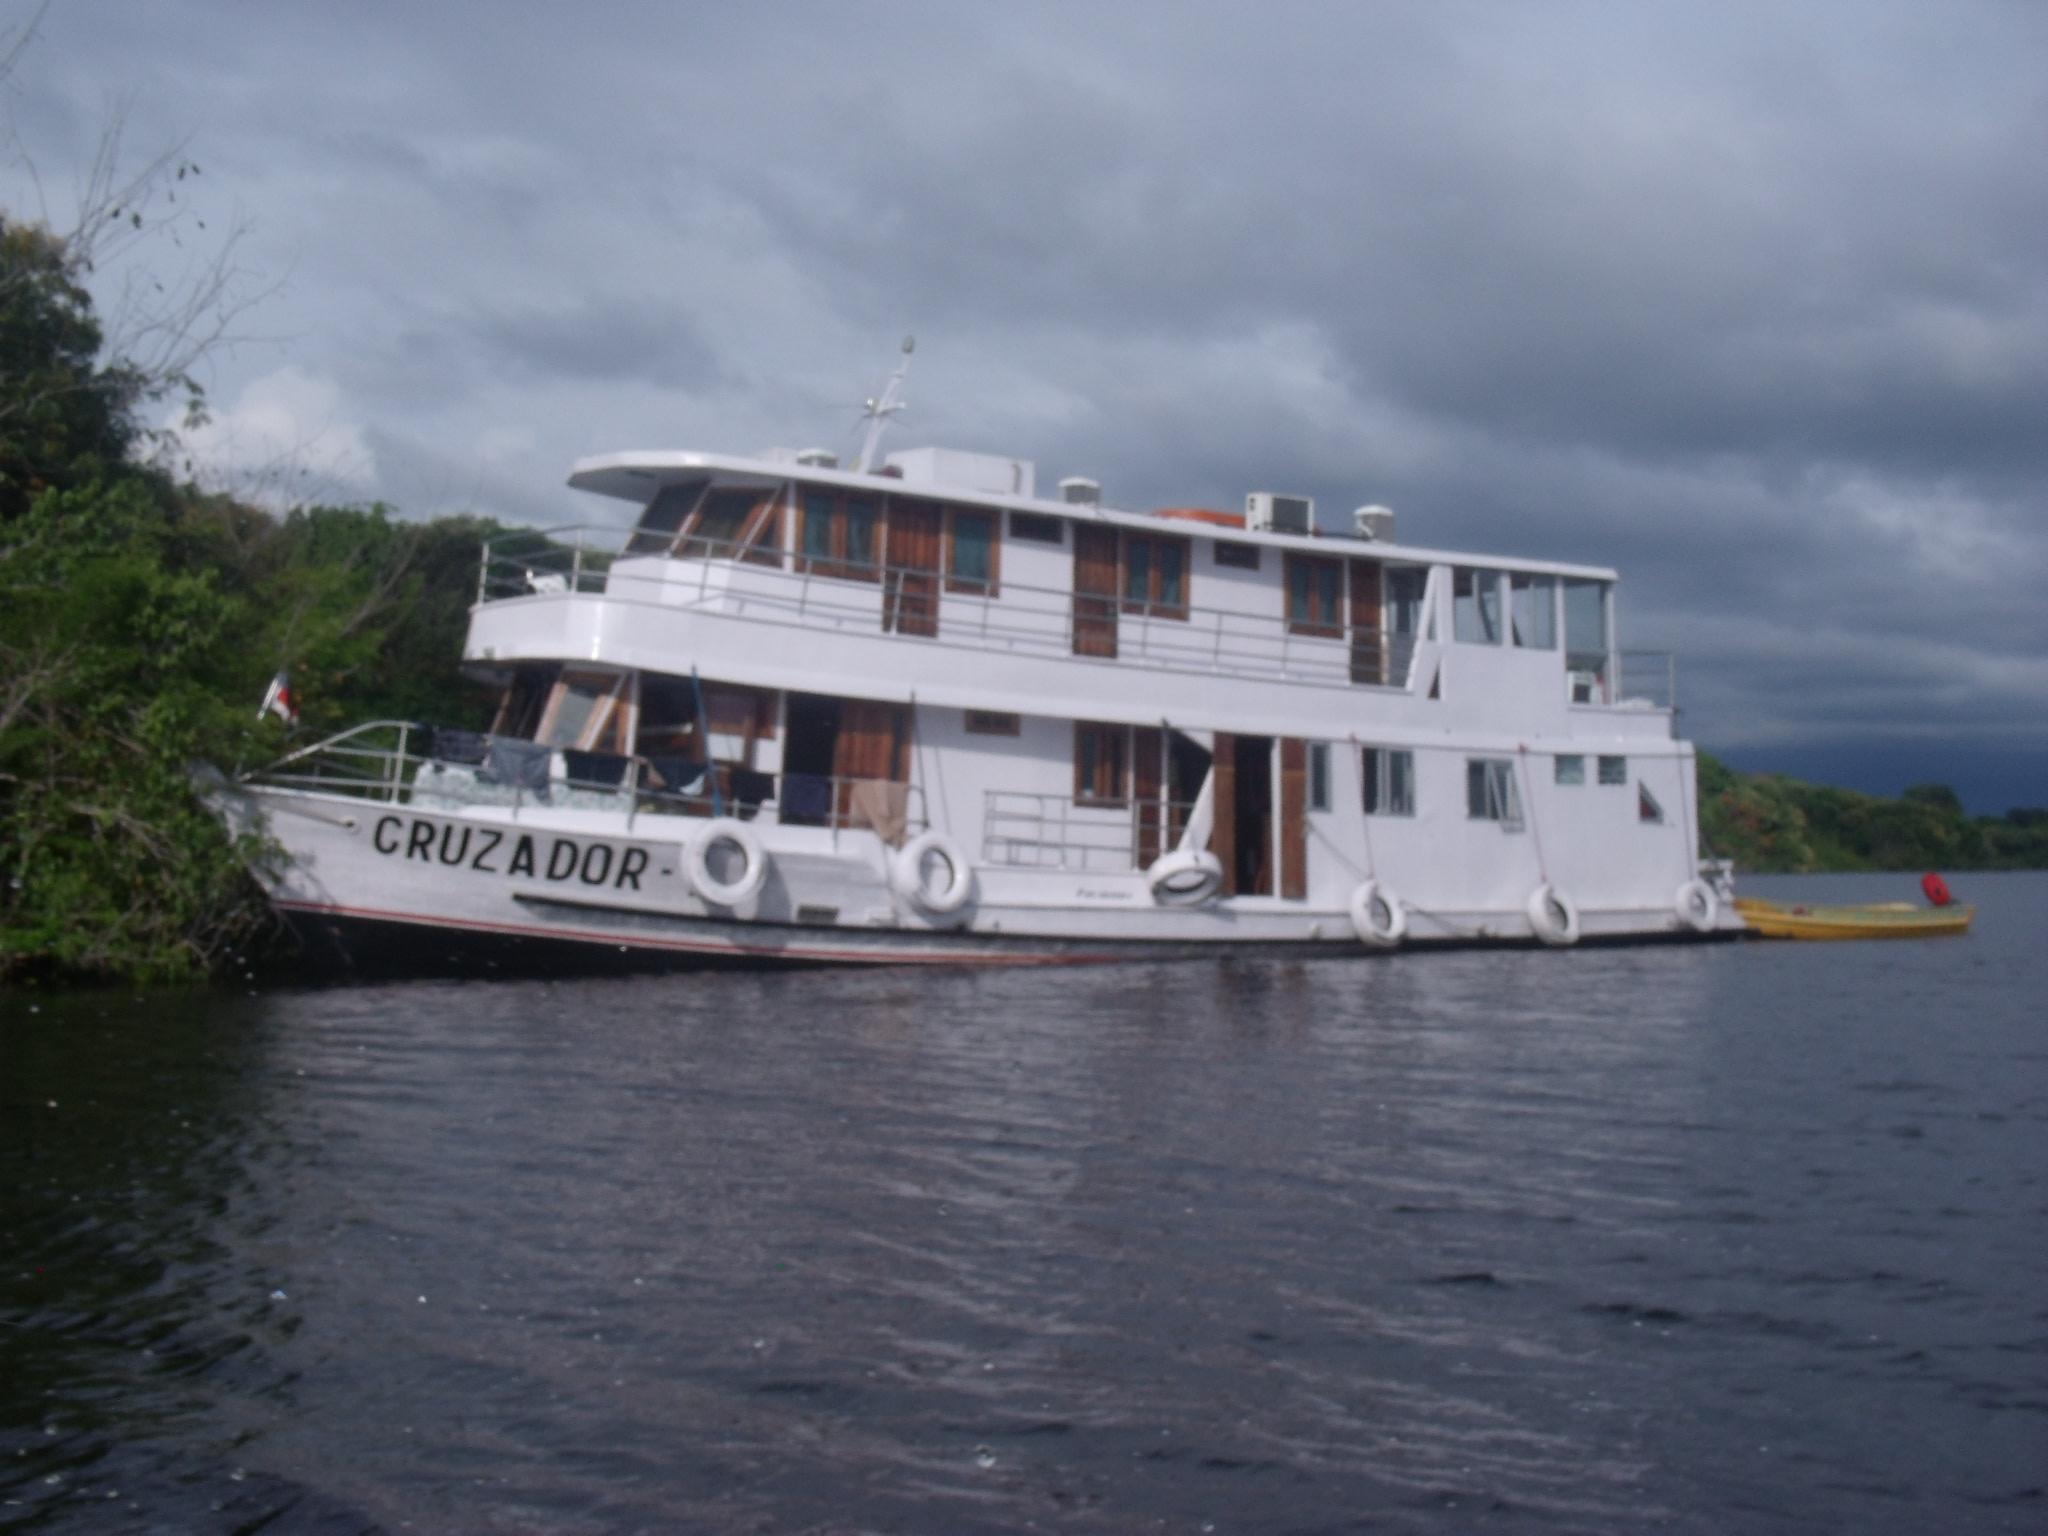 Boat Cruise in Rio Negro